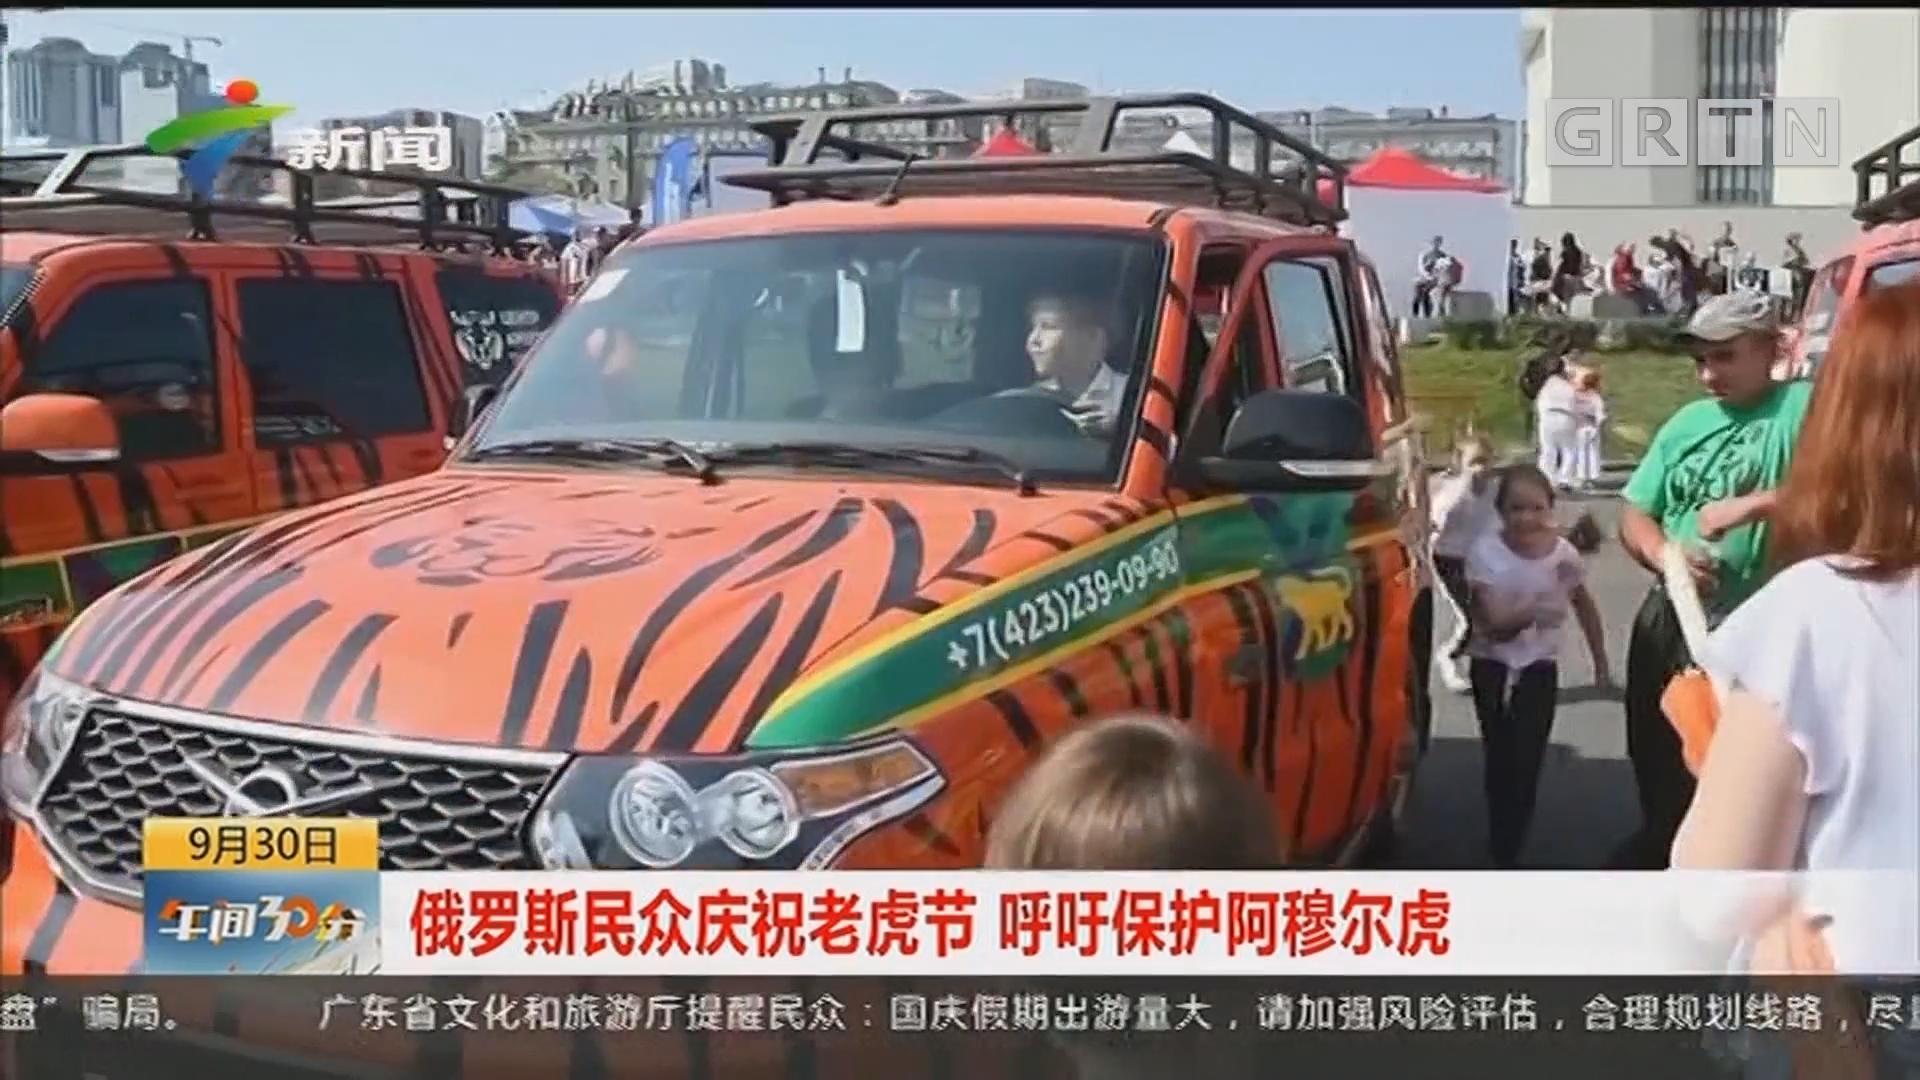 俄罗斯民众庆祝老虎节 呼吁保护阿穆尔虎